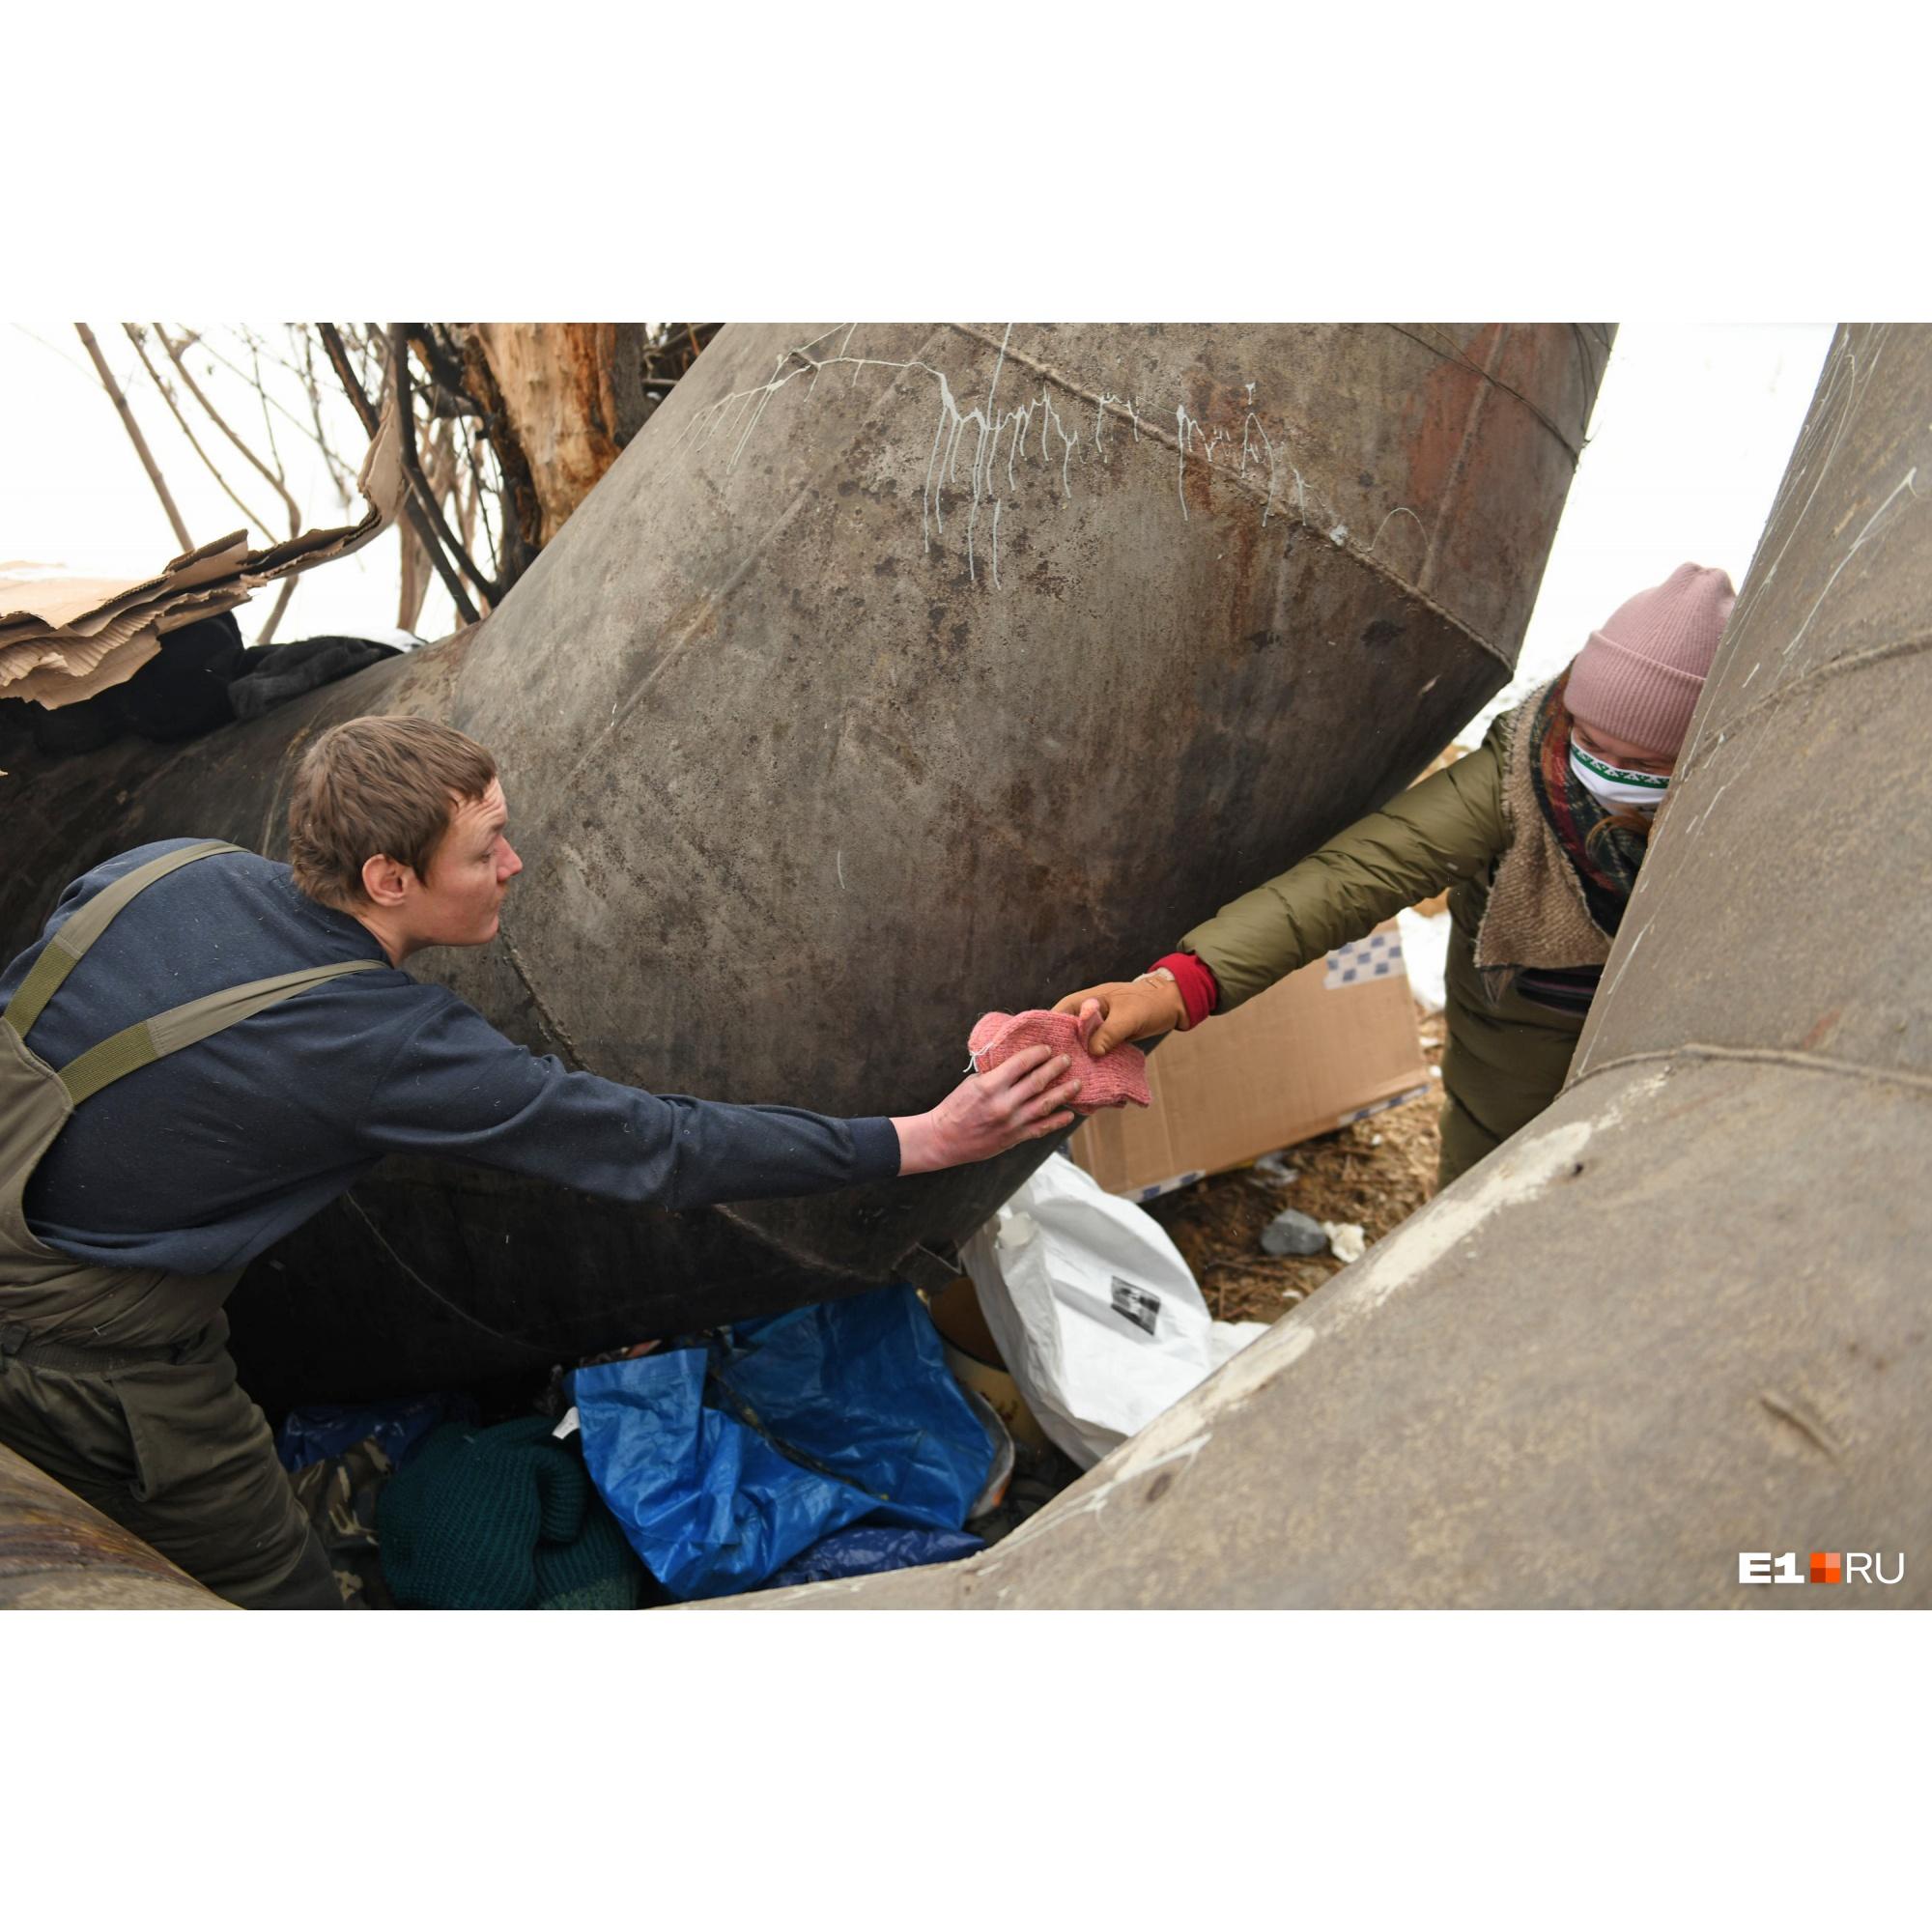 Бездомные с радостью берут теплые вещи ручной работы от организации «Всё связано»<br>